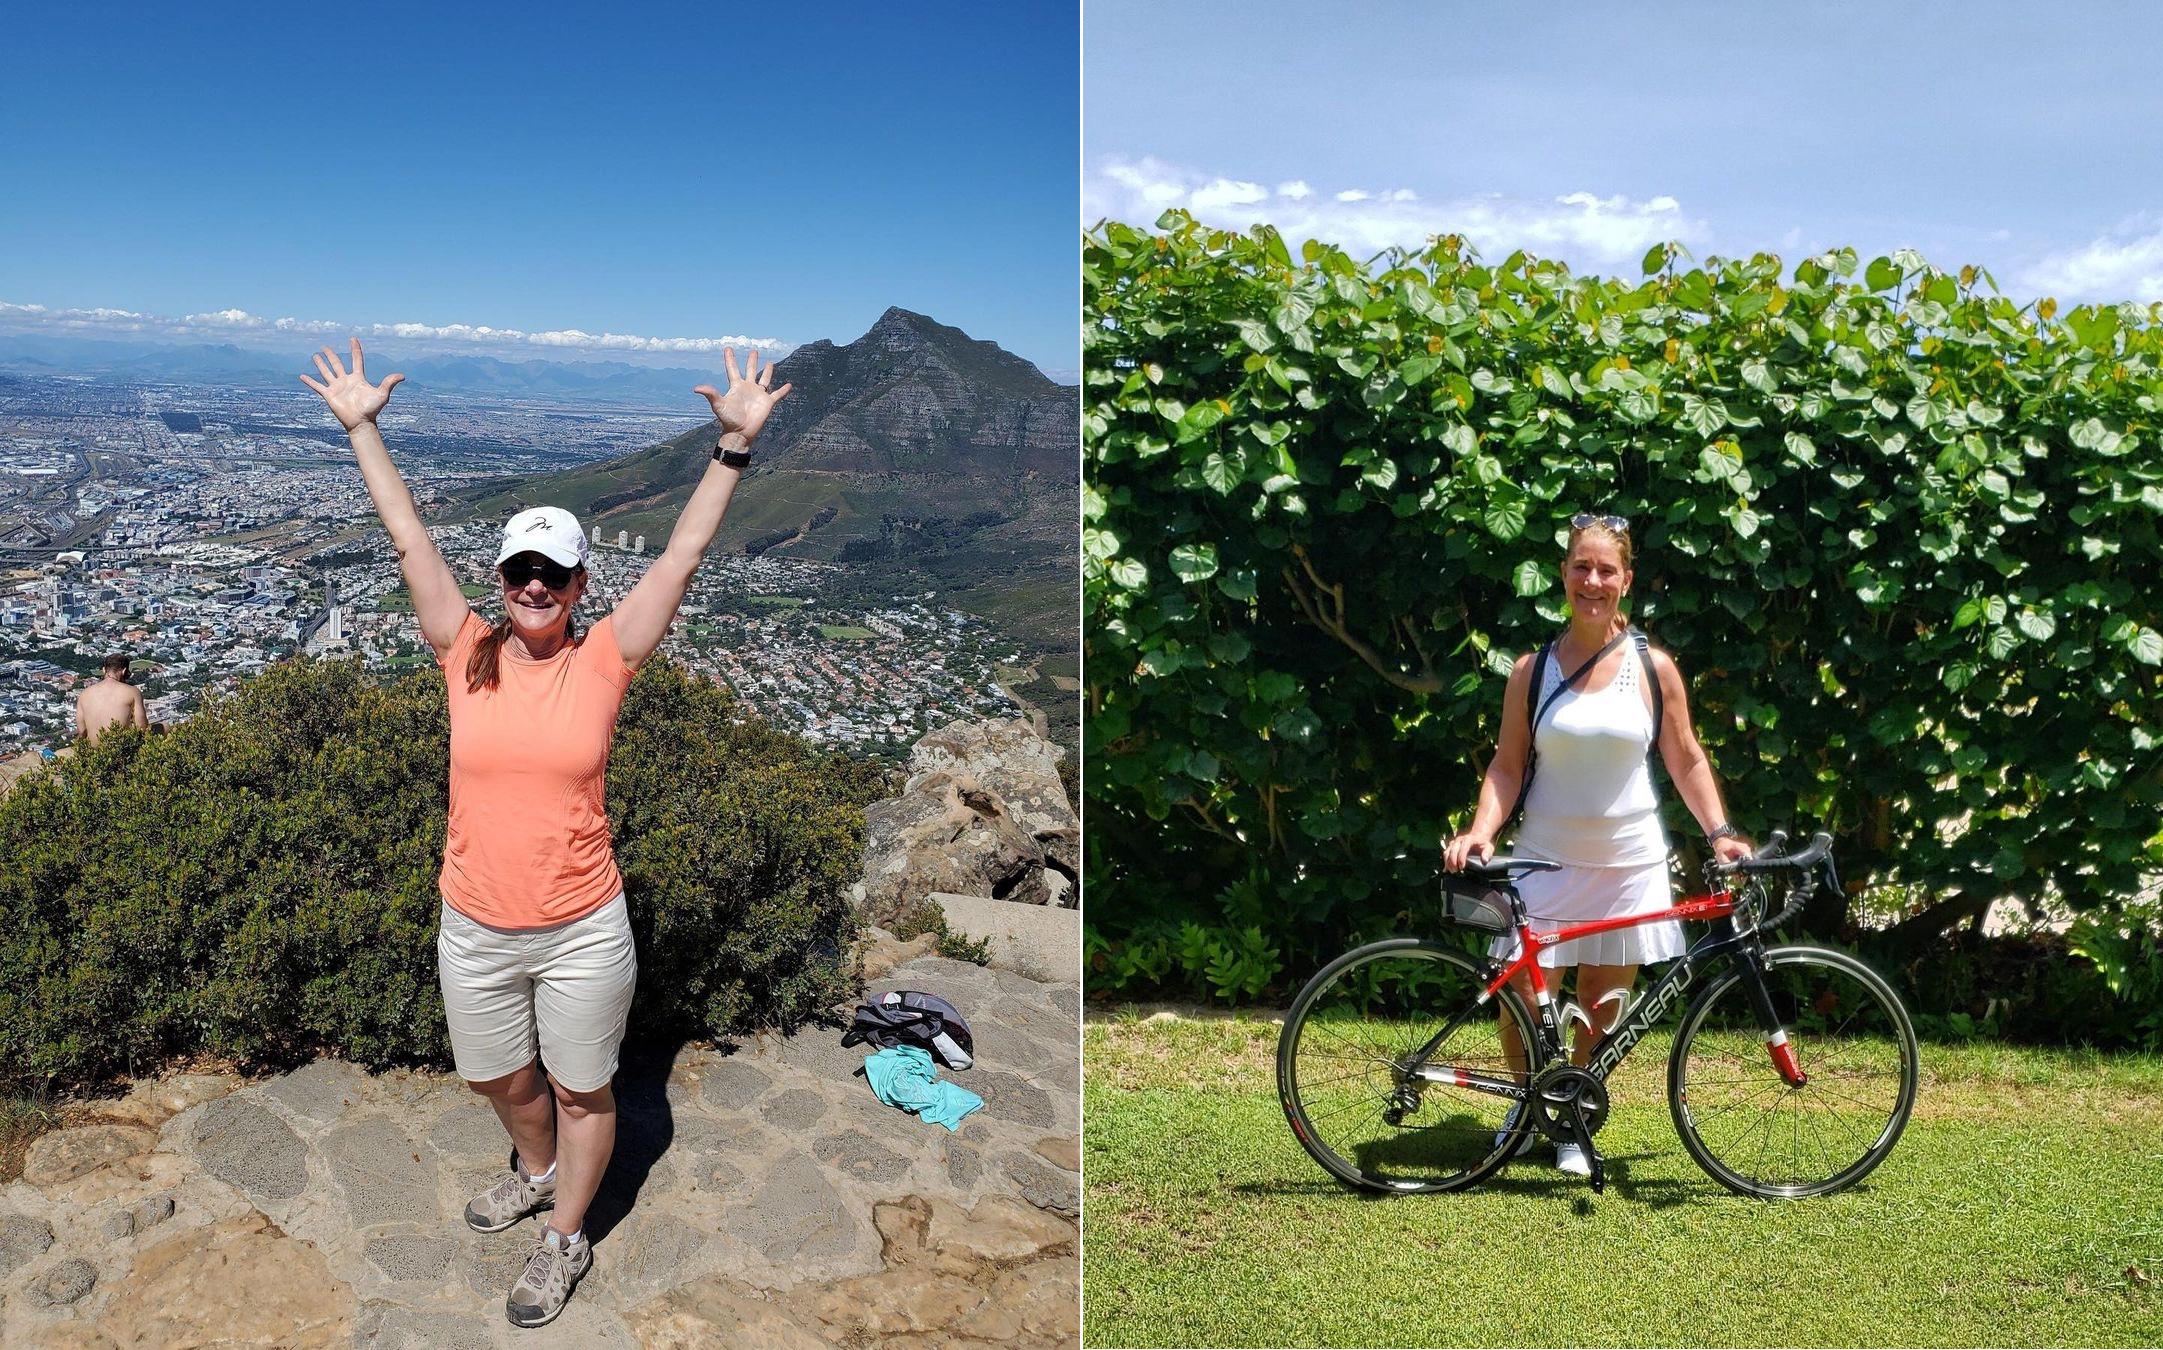 Bà Melinda thường dành thời gian hiking cùng bạn bè và không ngại thử sức với các bộ môn thể dục, thể thao ngoài trời.